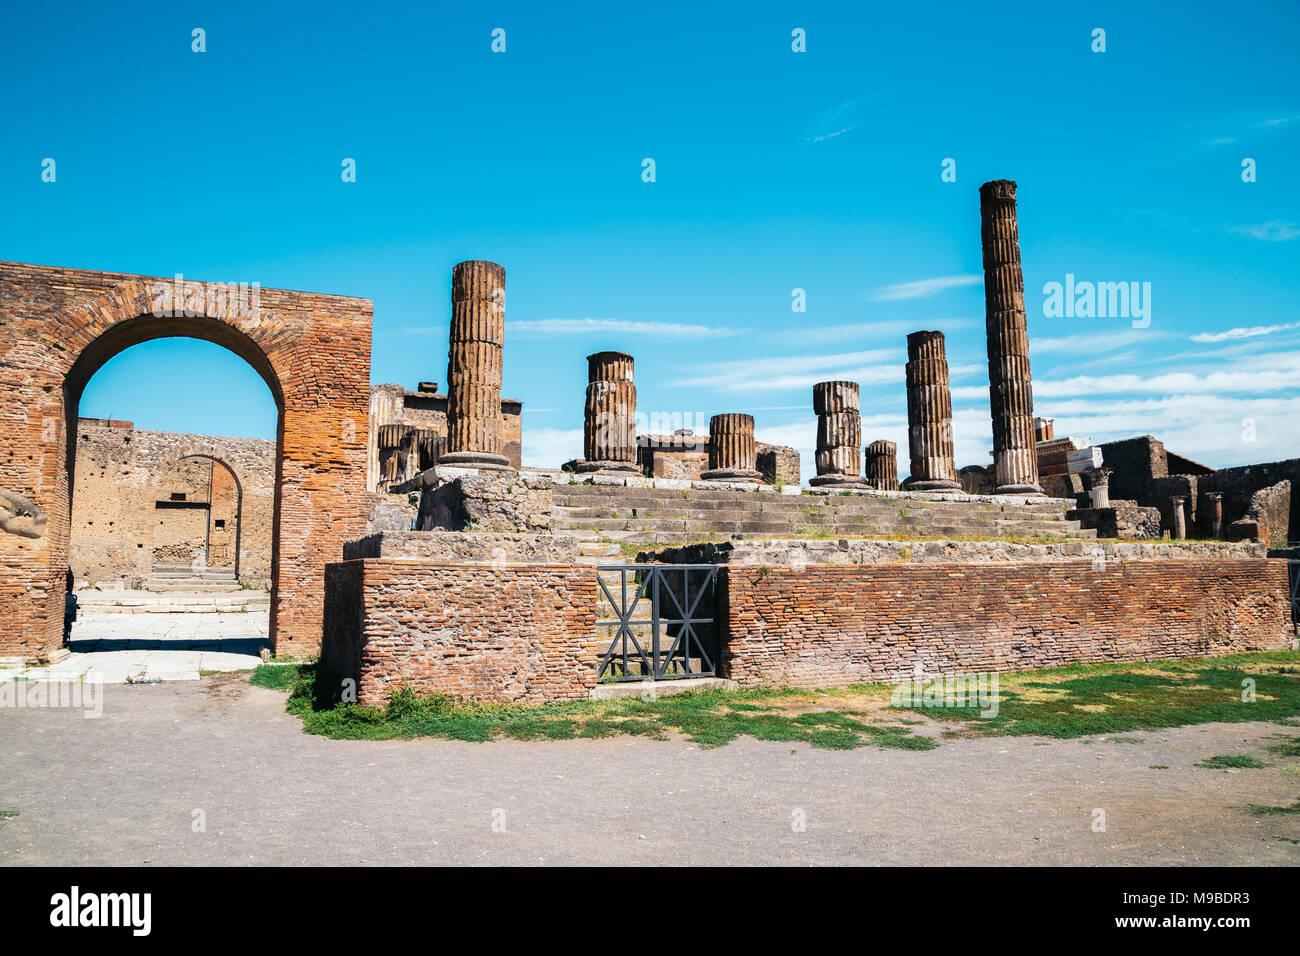 Rovine di Pompei. Pompei è una città romana morti dall eruzione del Vesuvio nel 79 d.c. Immagini Stock